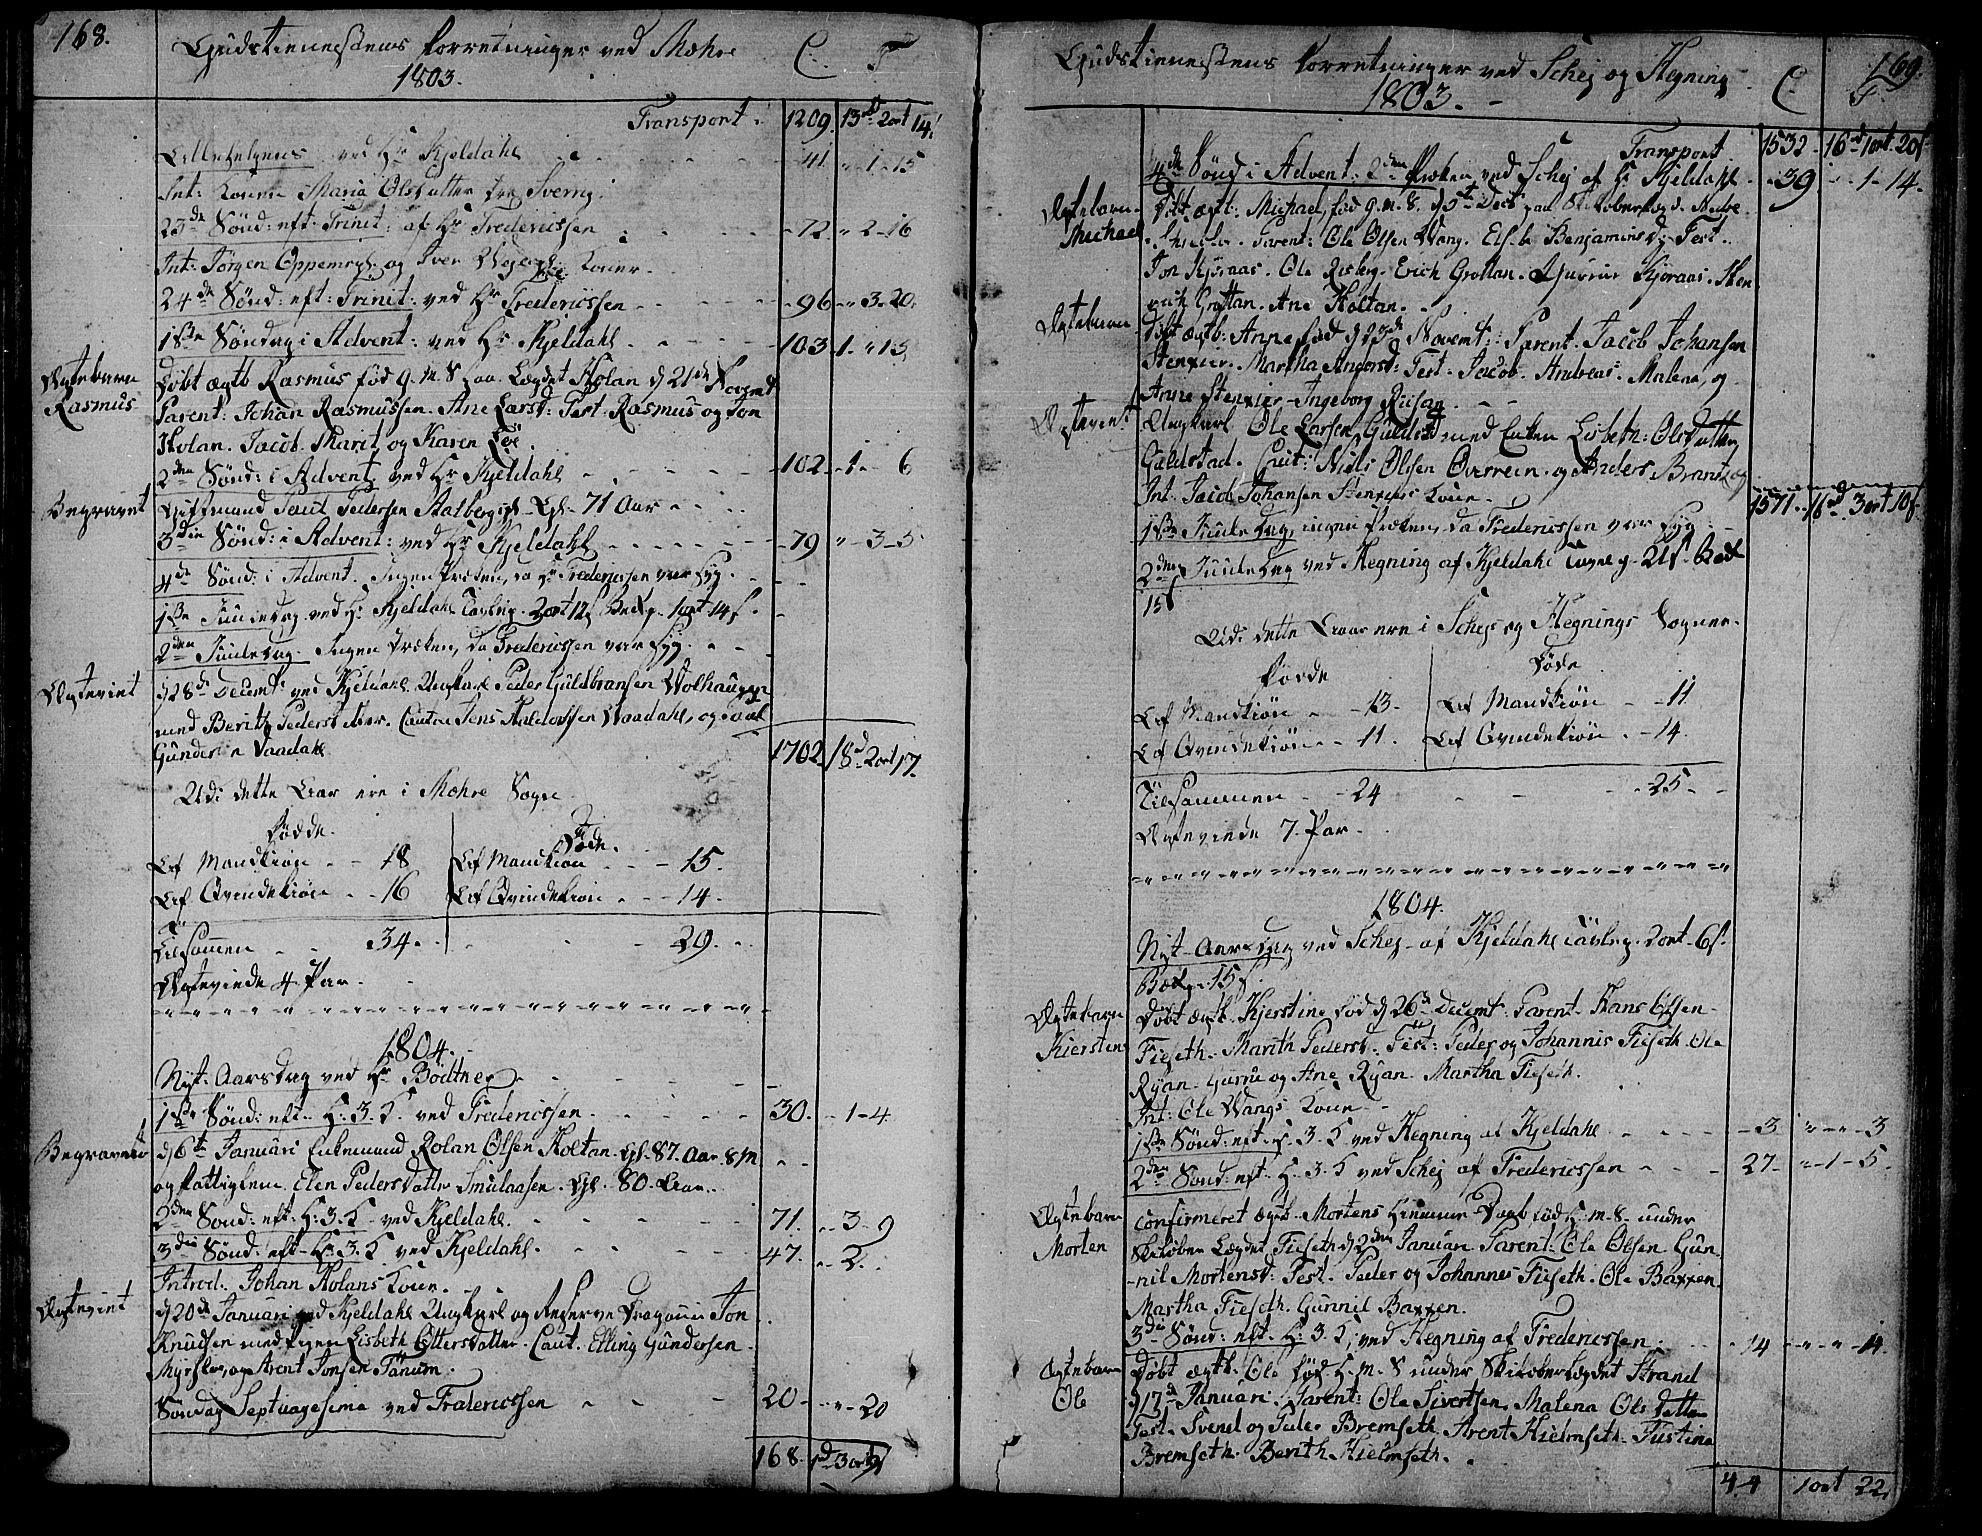 SAT, Ministerialprotokoller, klokkerbøker og fødselsregistre - Nord-Trøndelag, 735/L0332: Ministerialbok nr. 735A03, 1795-1816, s. 168-169